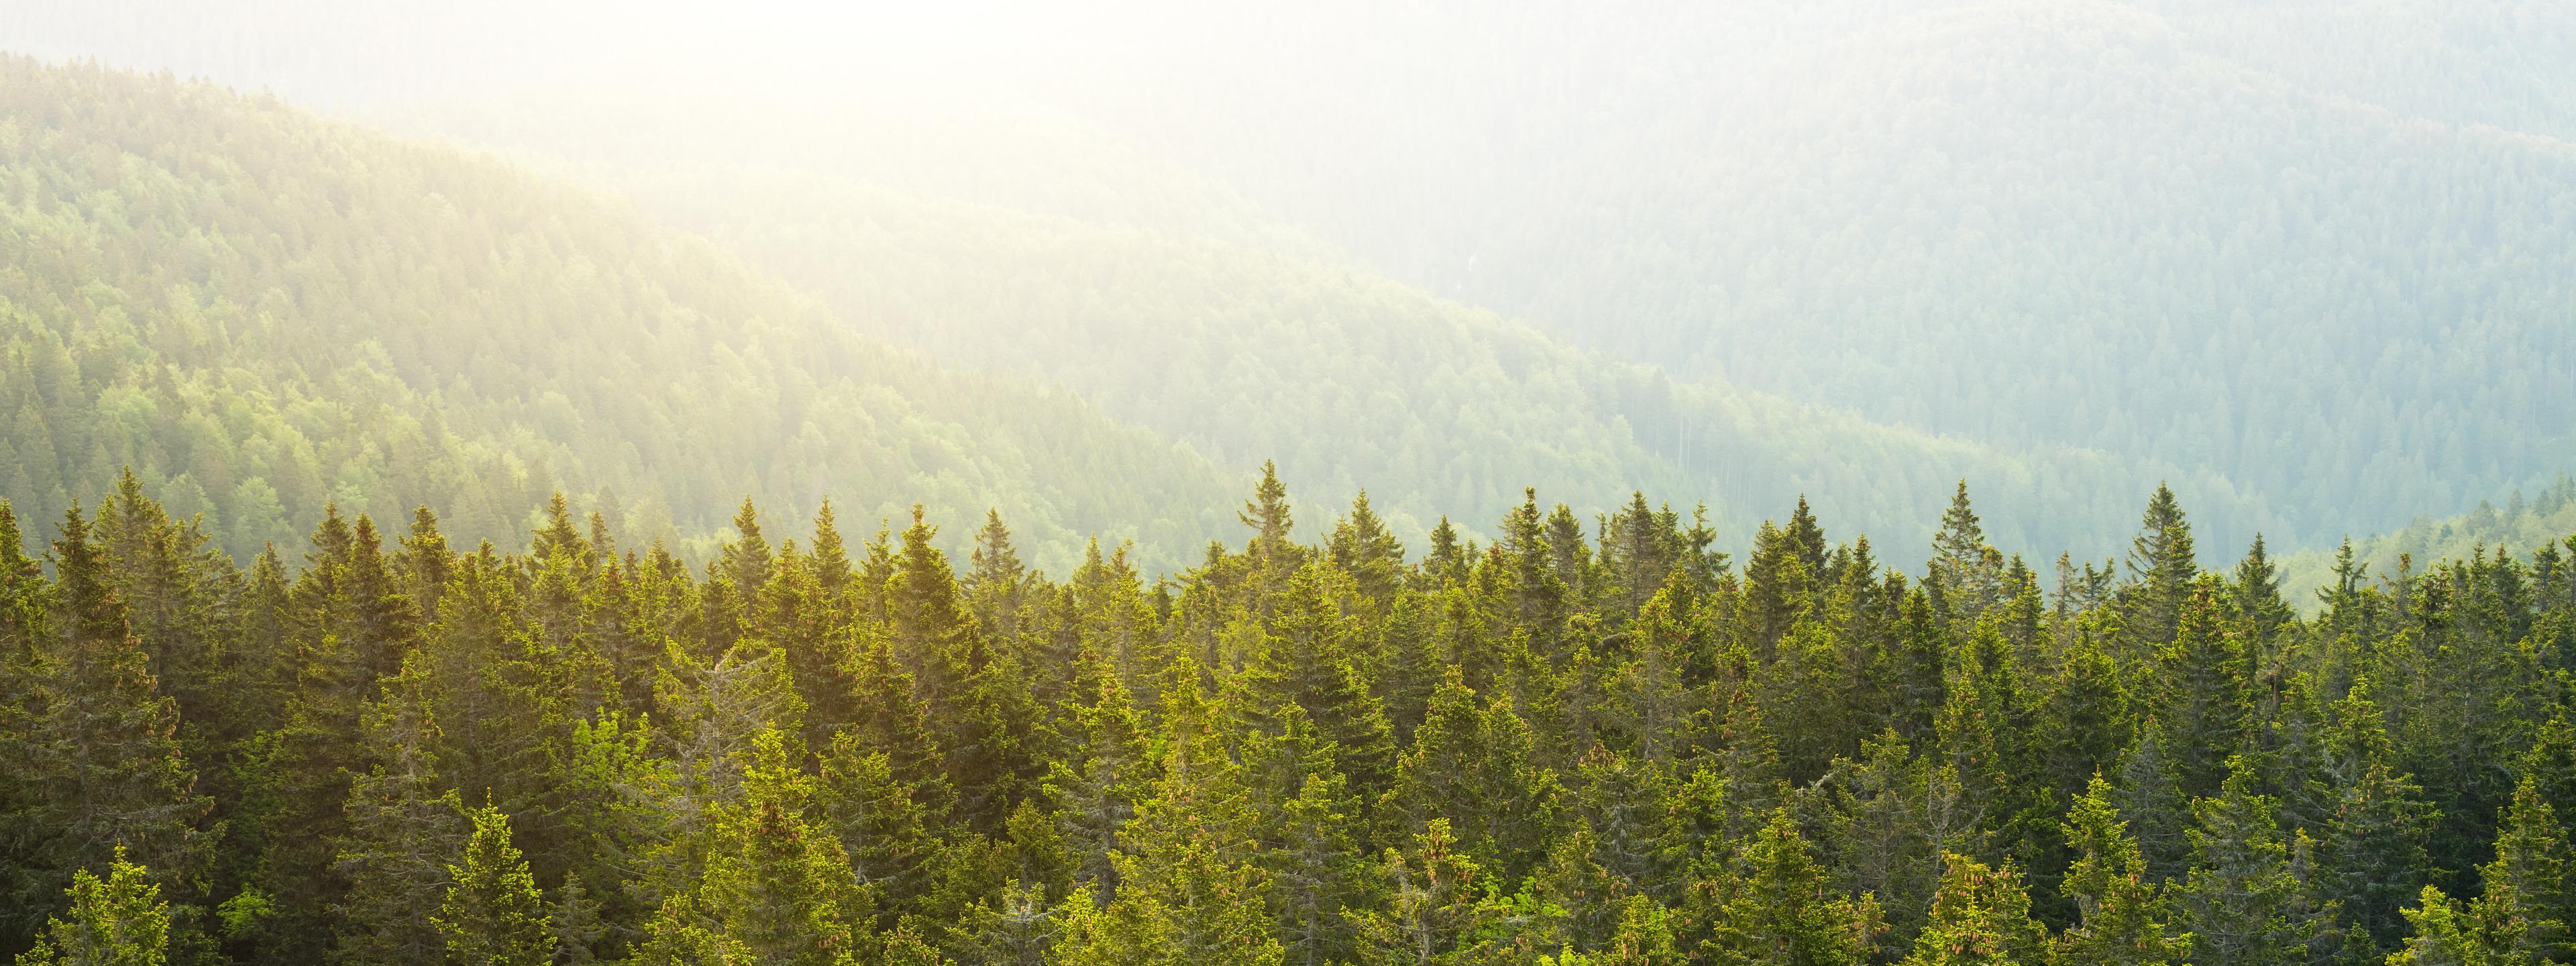 BRITA wizja zielony las